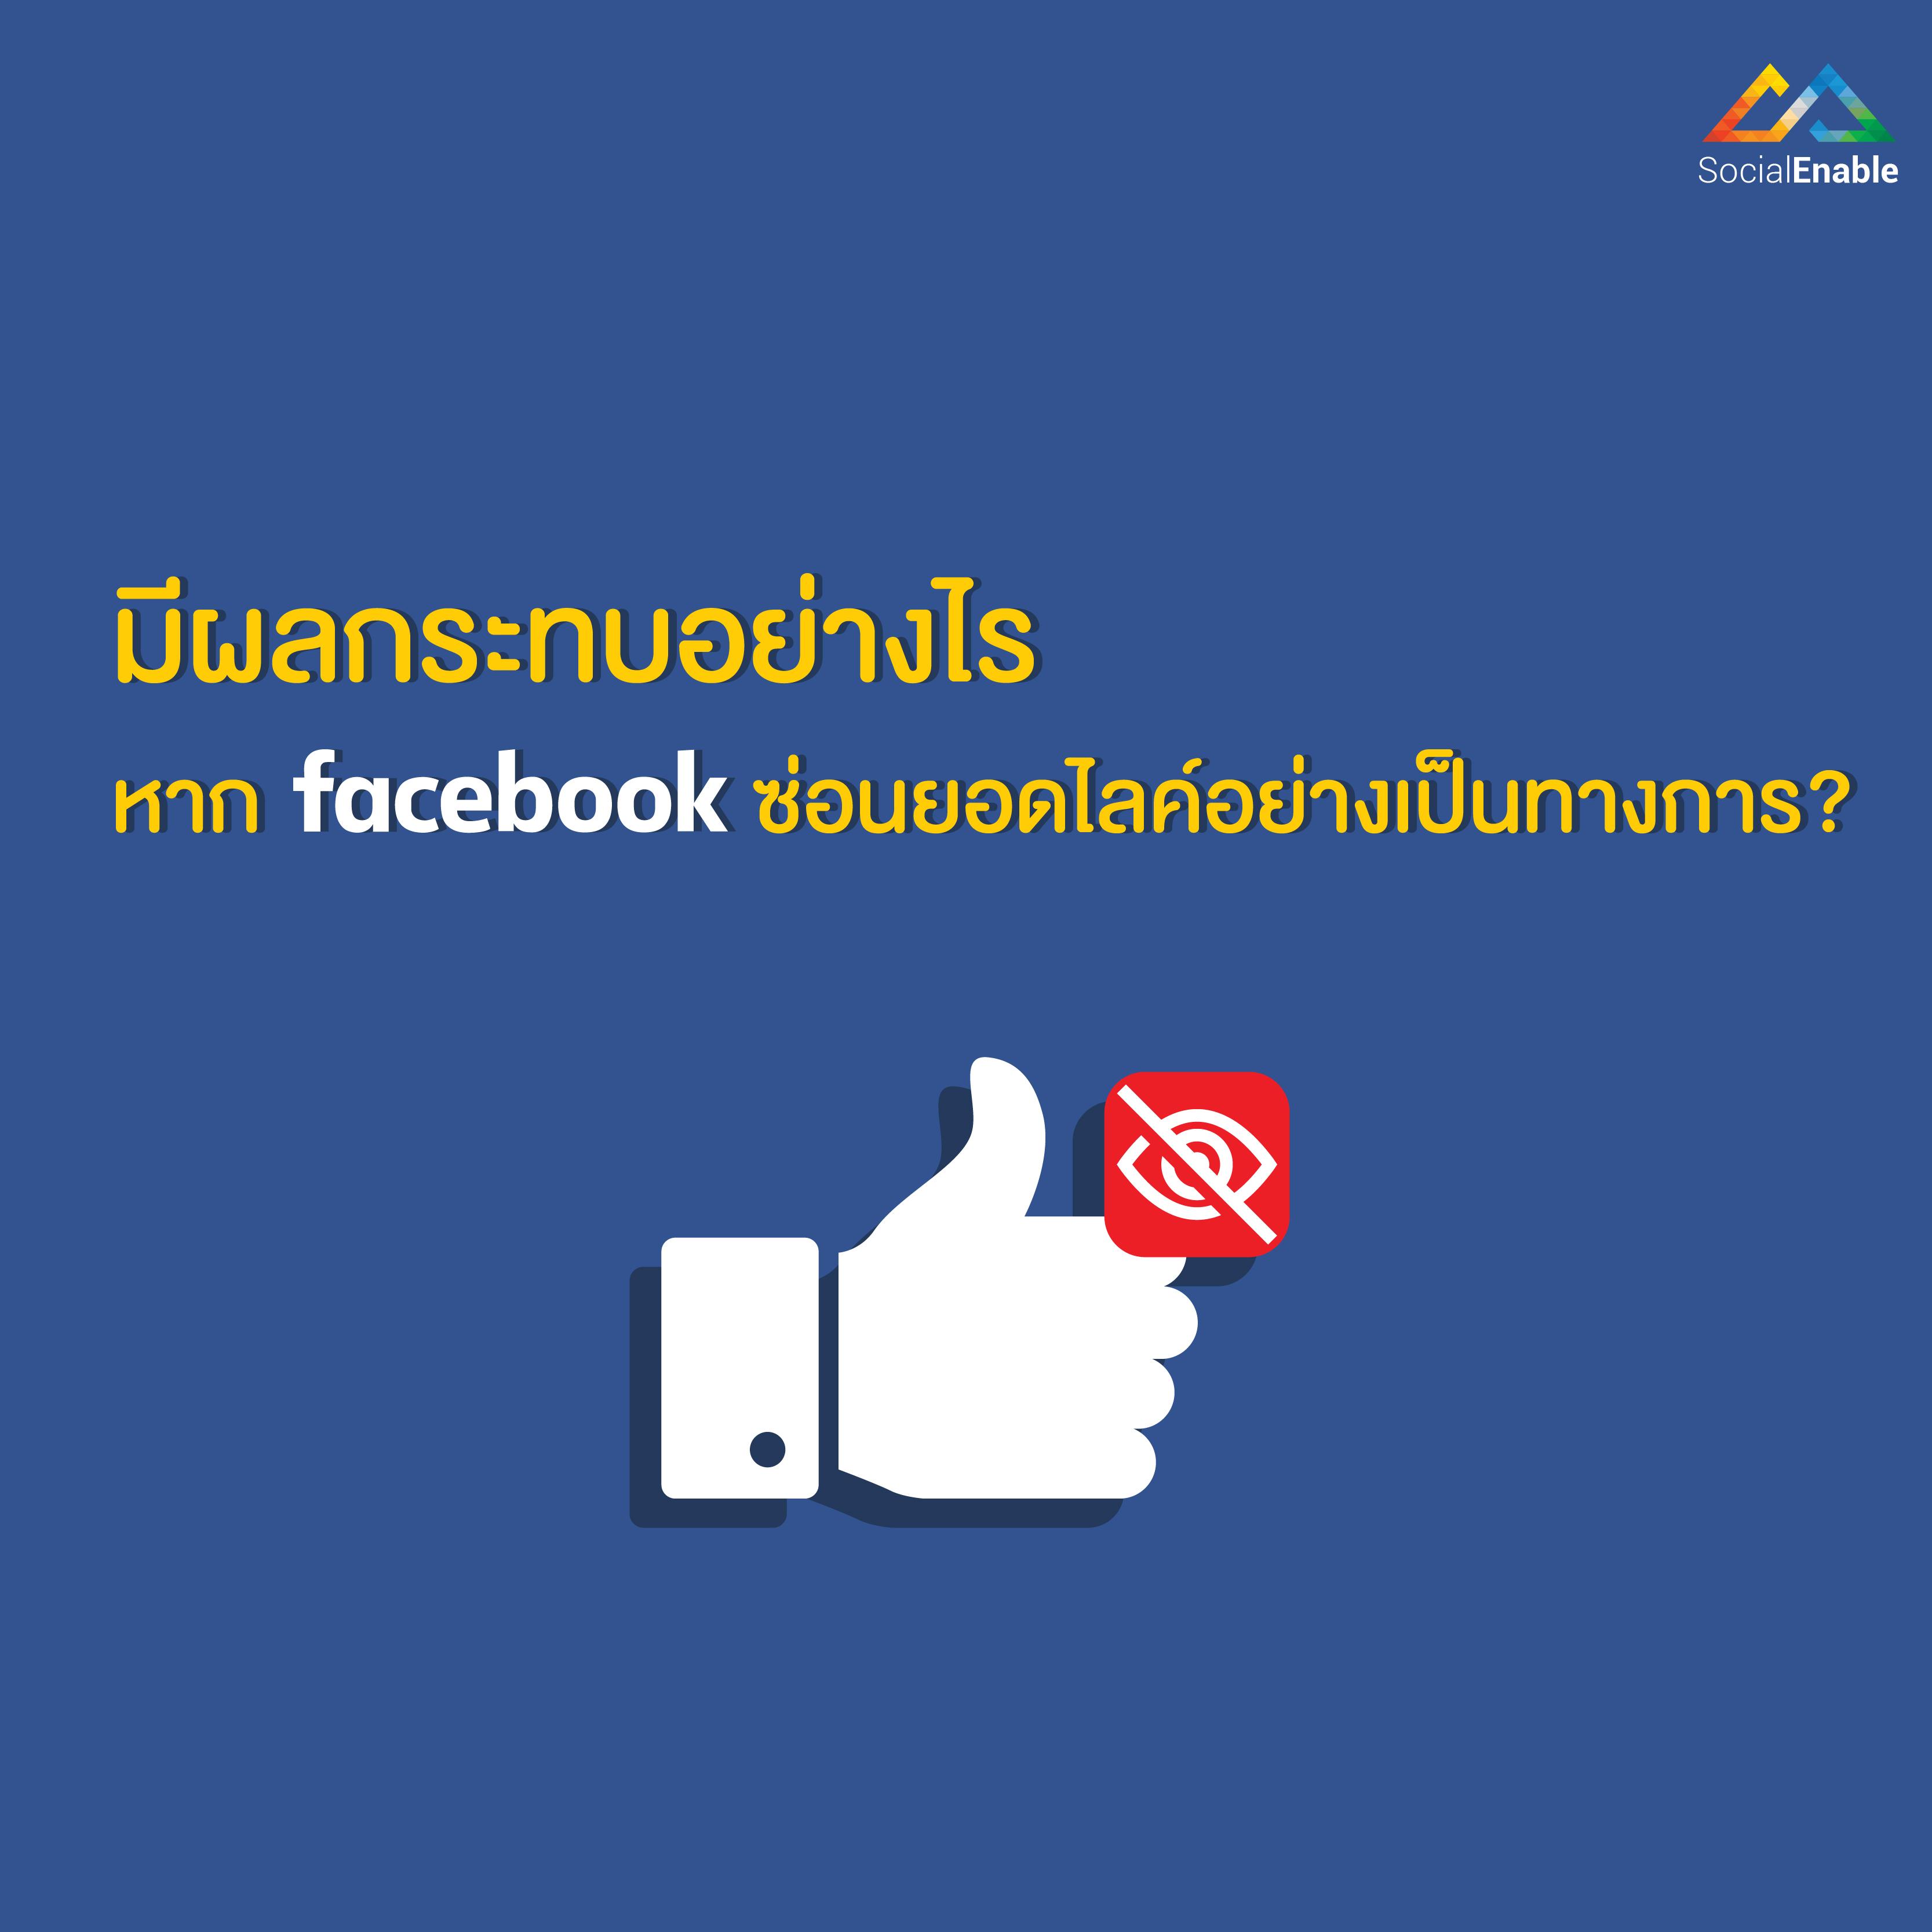 มีผลกระทบอย่างไร หาก Facebook ซ่อนยอดไลค์อย่างเป็นทางการ?